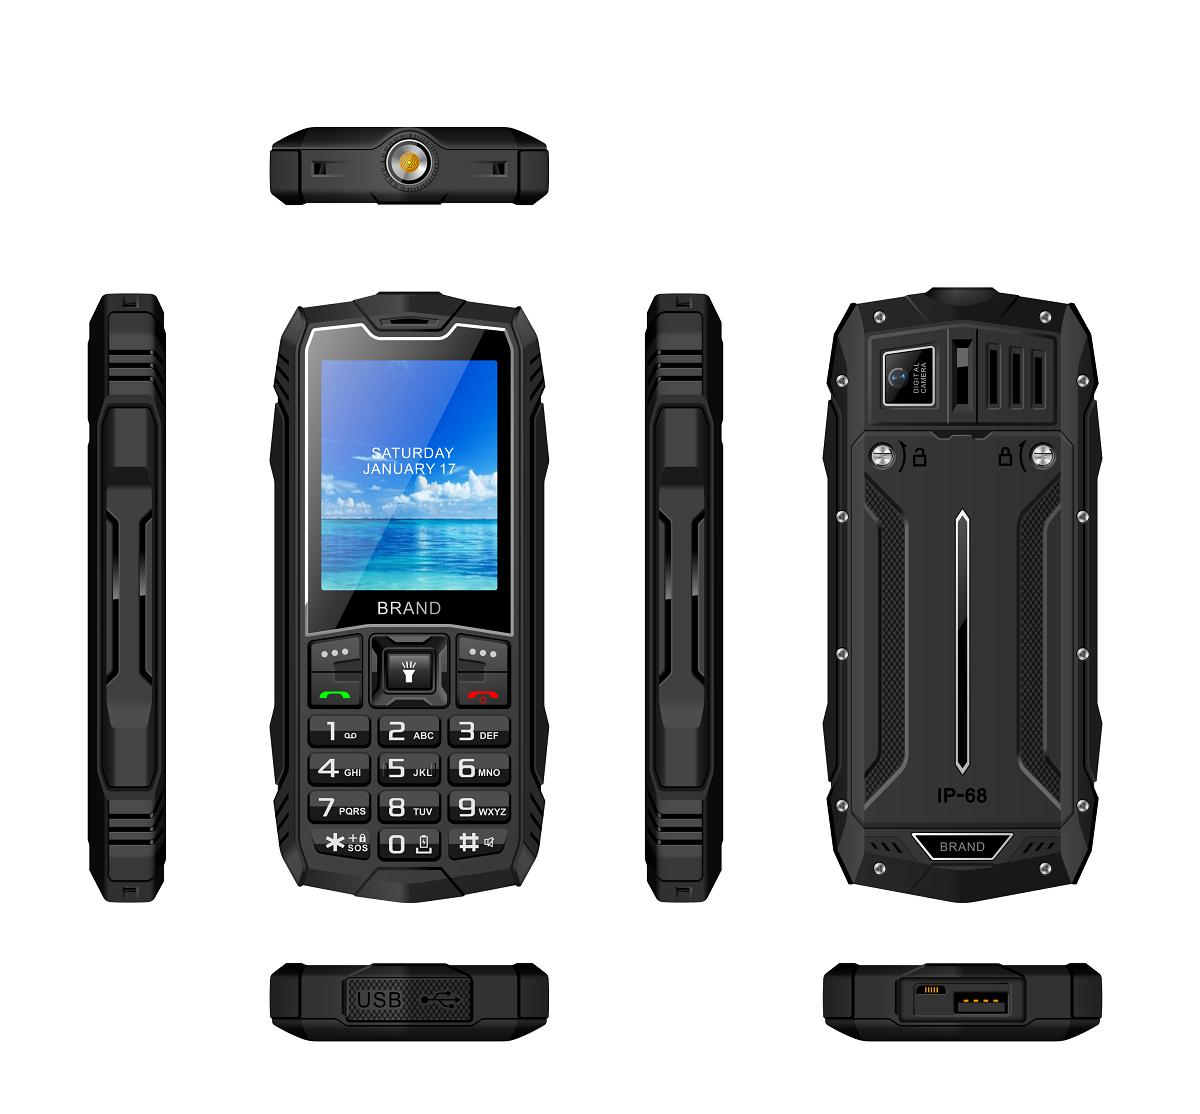 F58 Rugged phone